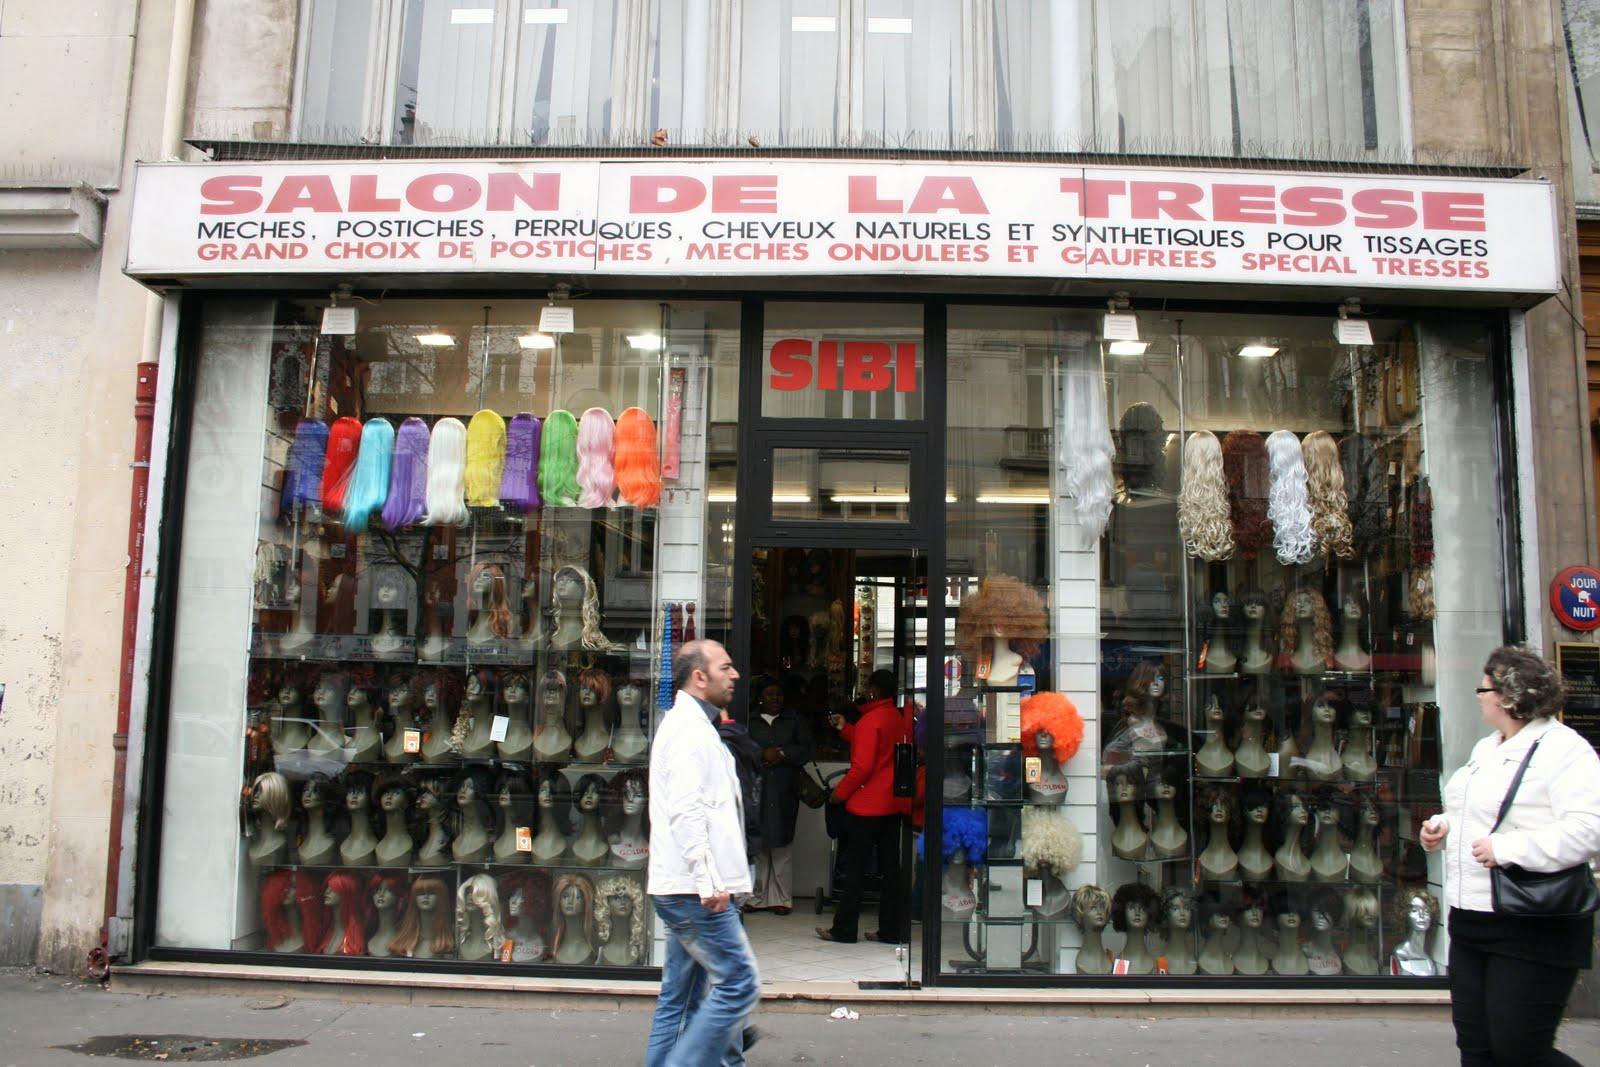 Salon de coiffure afro paris chateau d 39 eau for Salon de coiffure afro chateau d eau